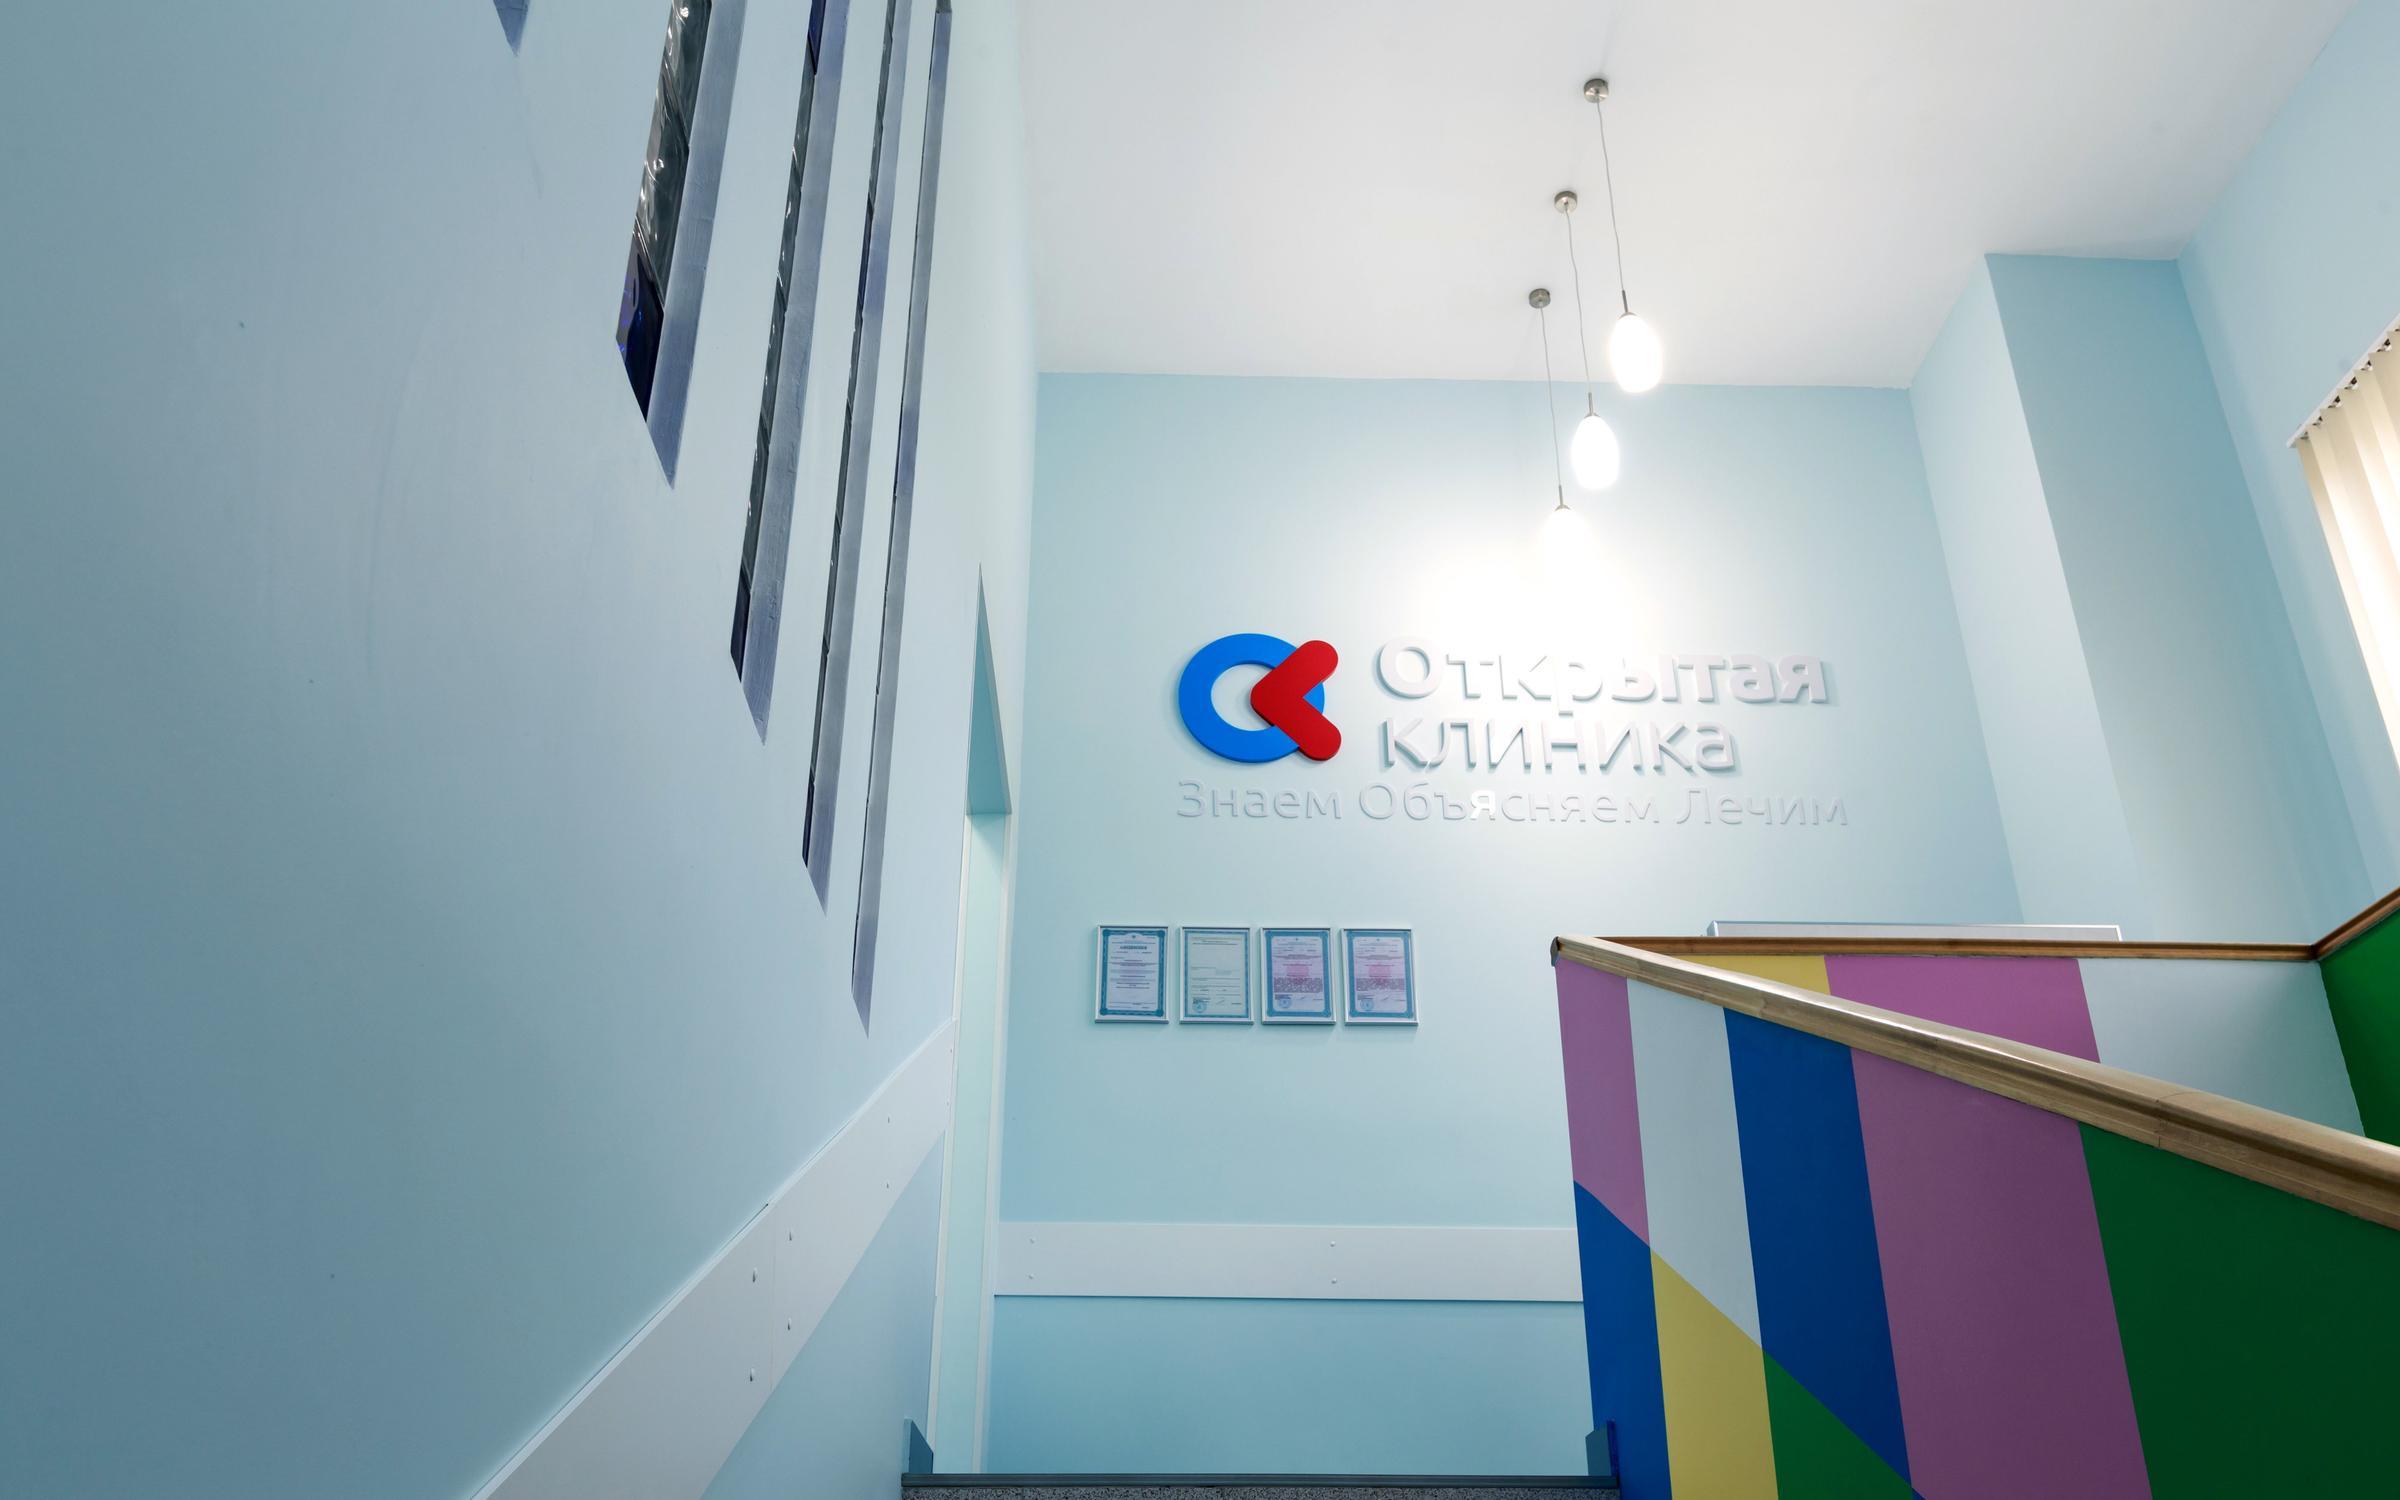 фотография Открытой клиники Детский центр на Пресне